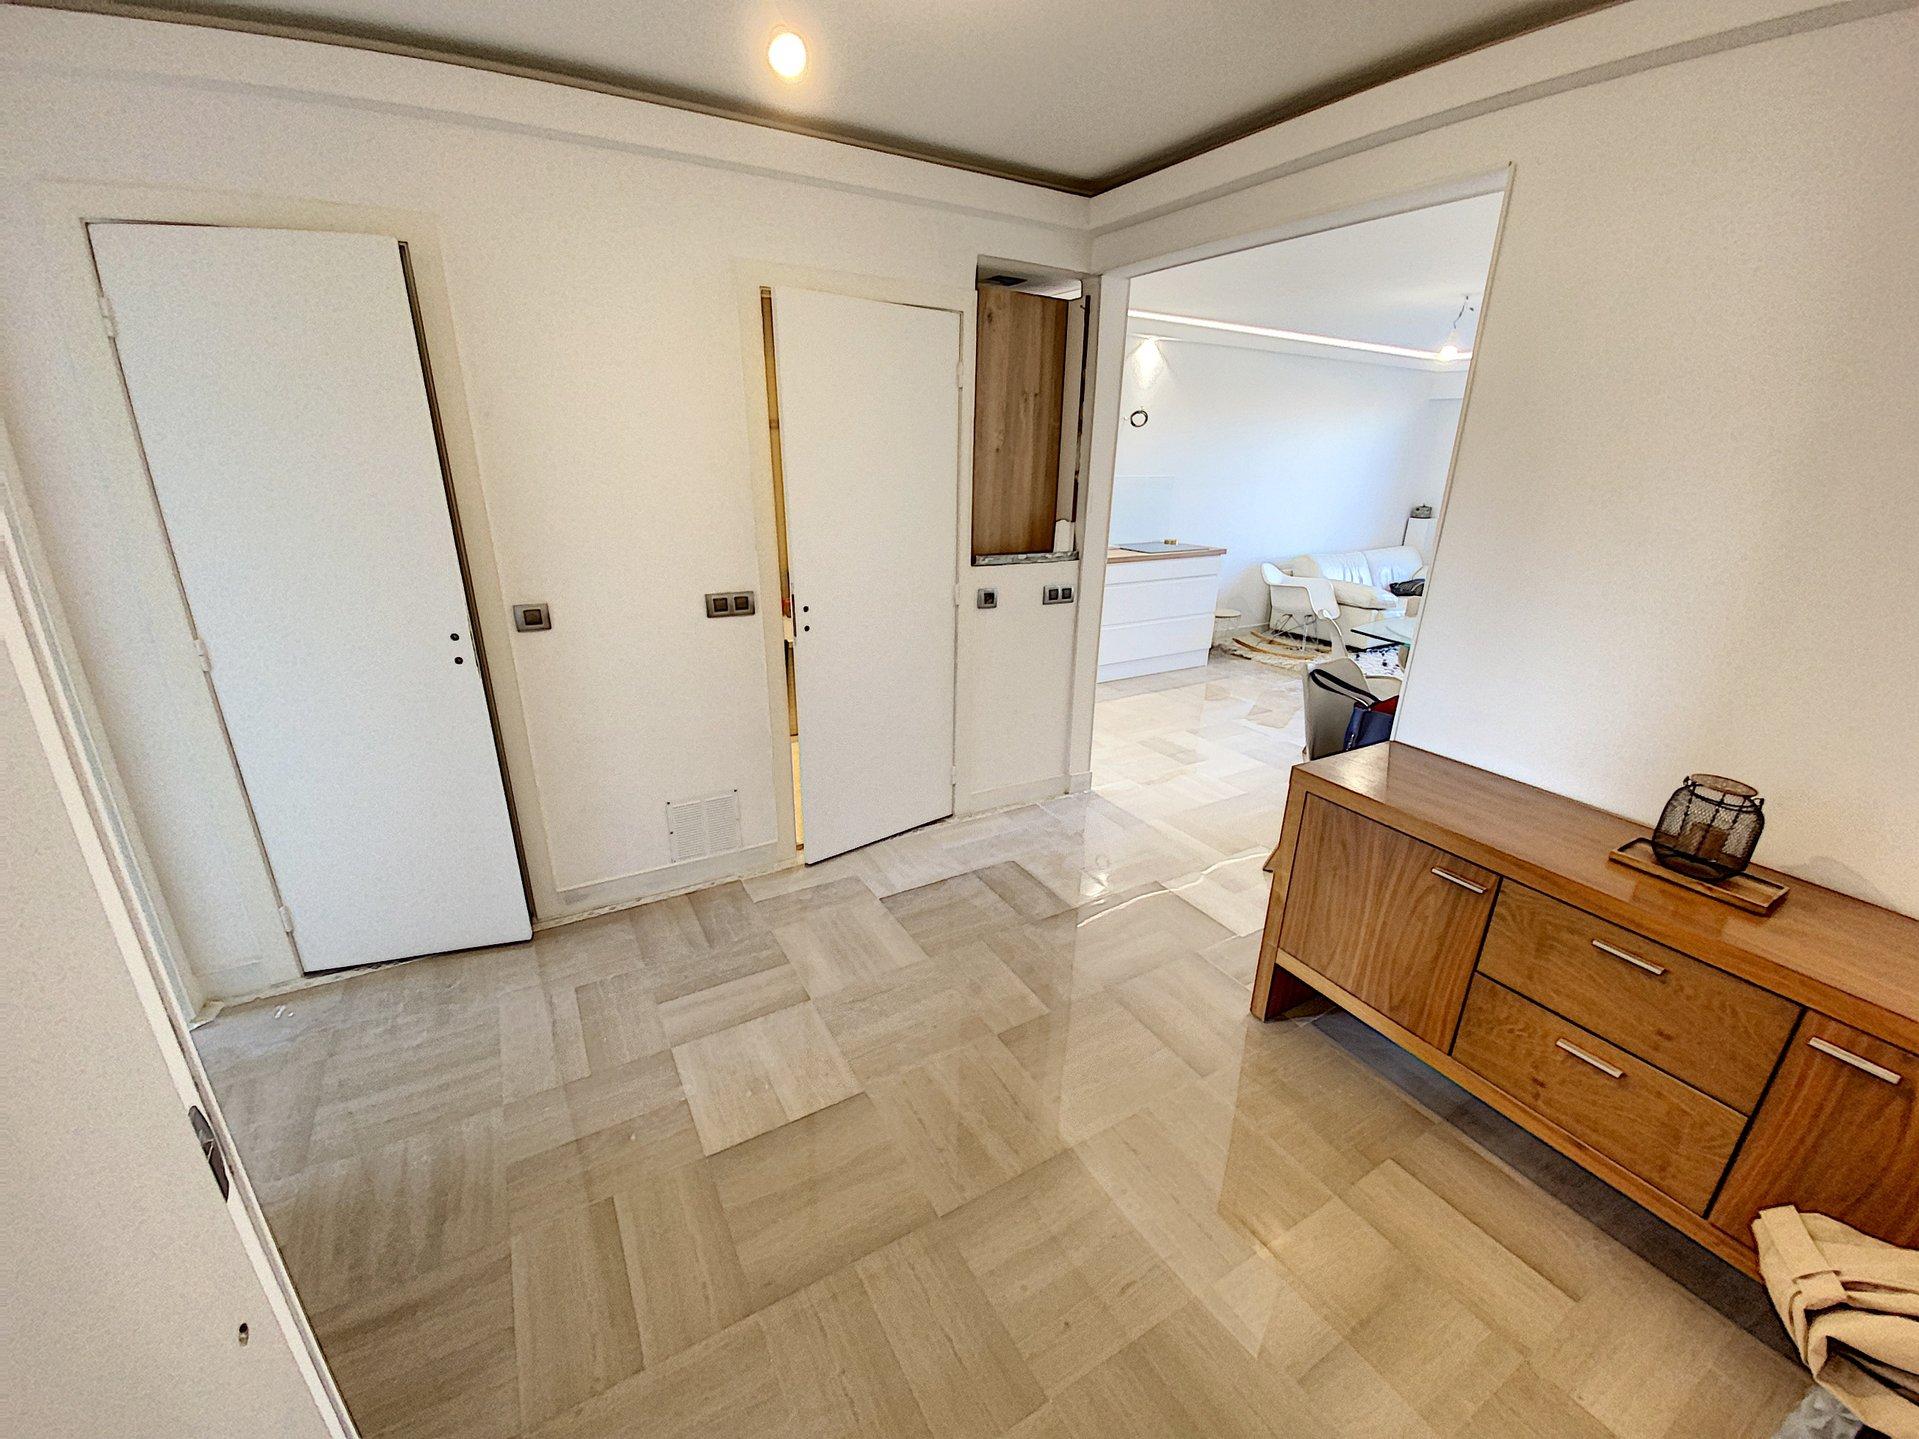 CAGNES SUR MER (06800) - Appartement 3 pièces - 1 chambre - 1 bureau